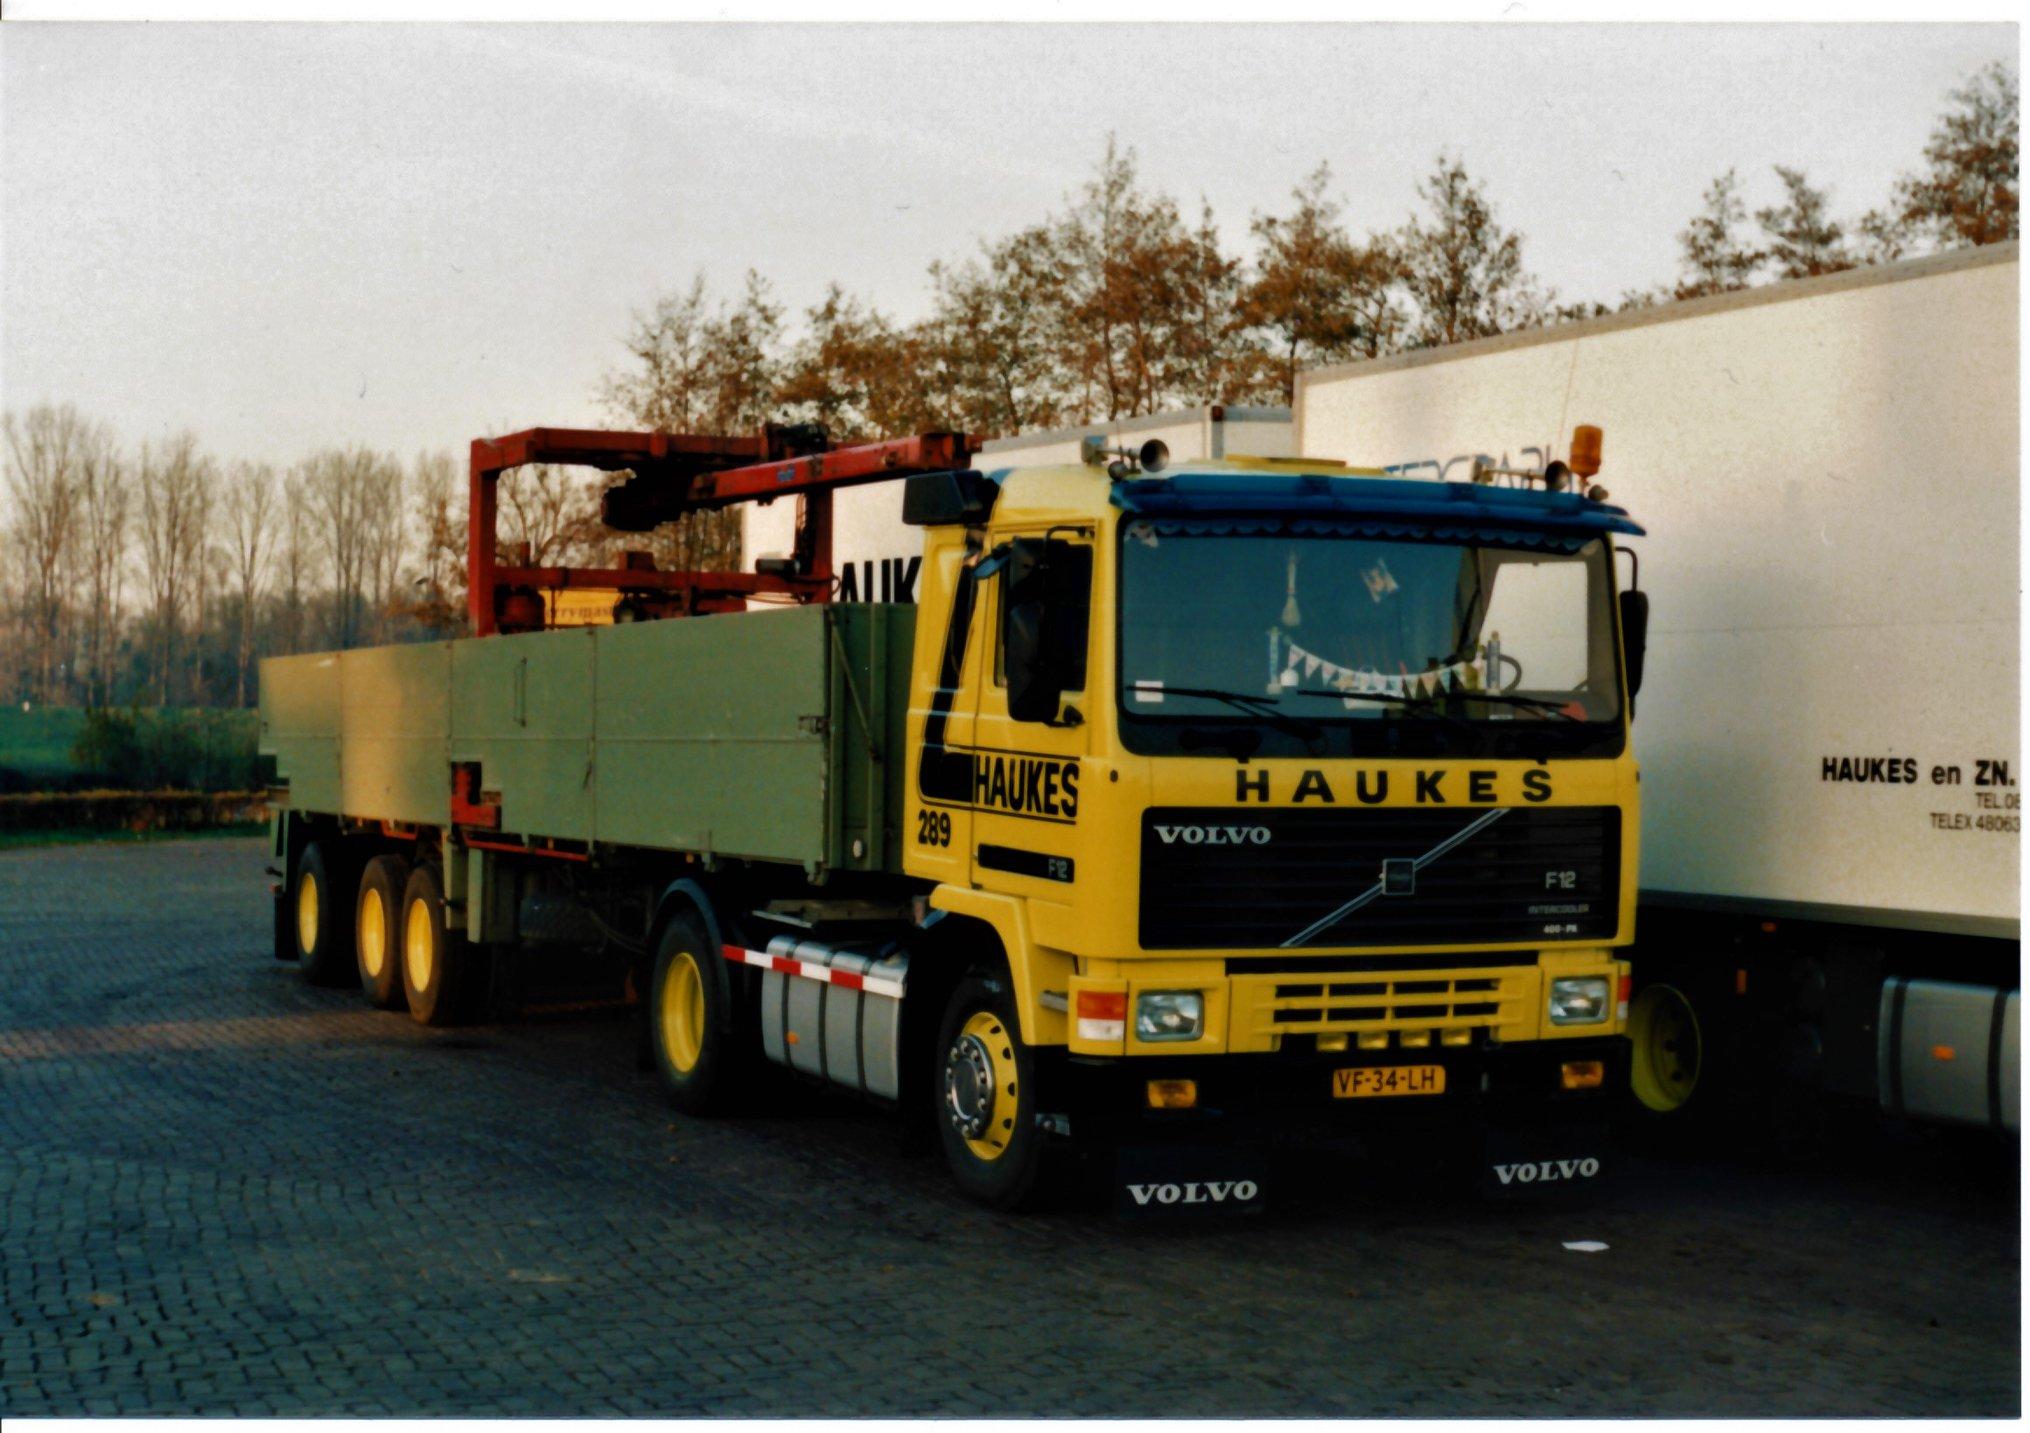 Han-Megens--Volvo-F12-nr-289-met-Floor-steenoplegger